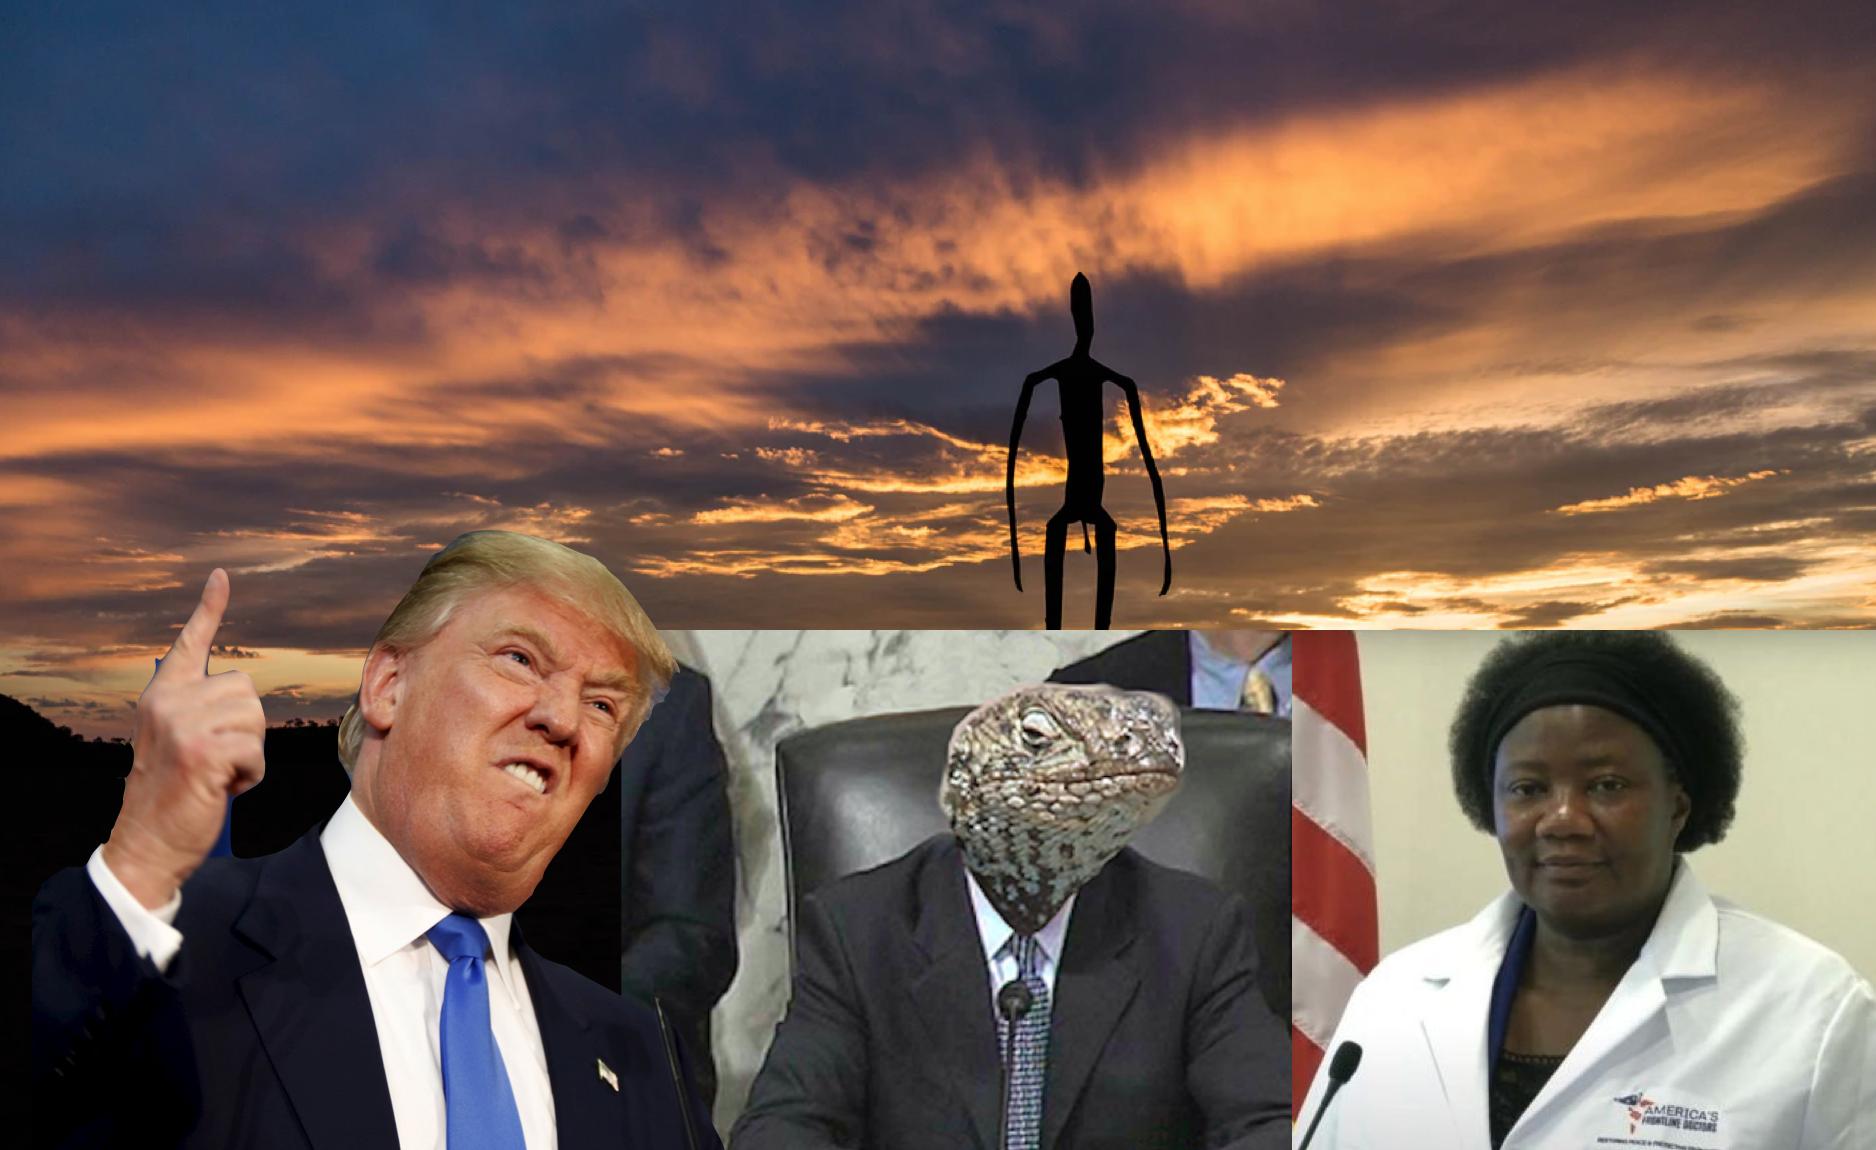 Trump delar corona-video med läkare som tror på utomjordiskt DNA, demonsex och reptilmänniskor